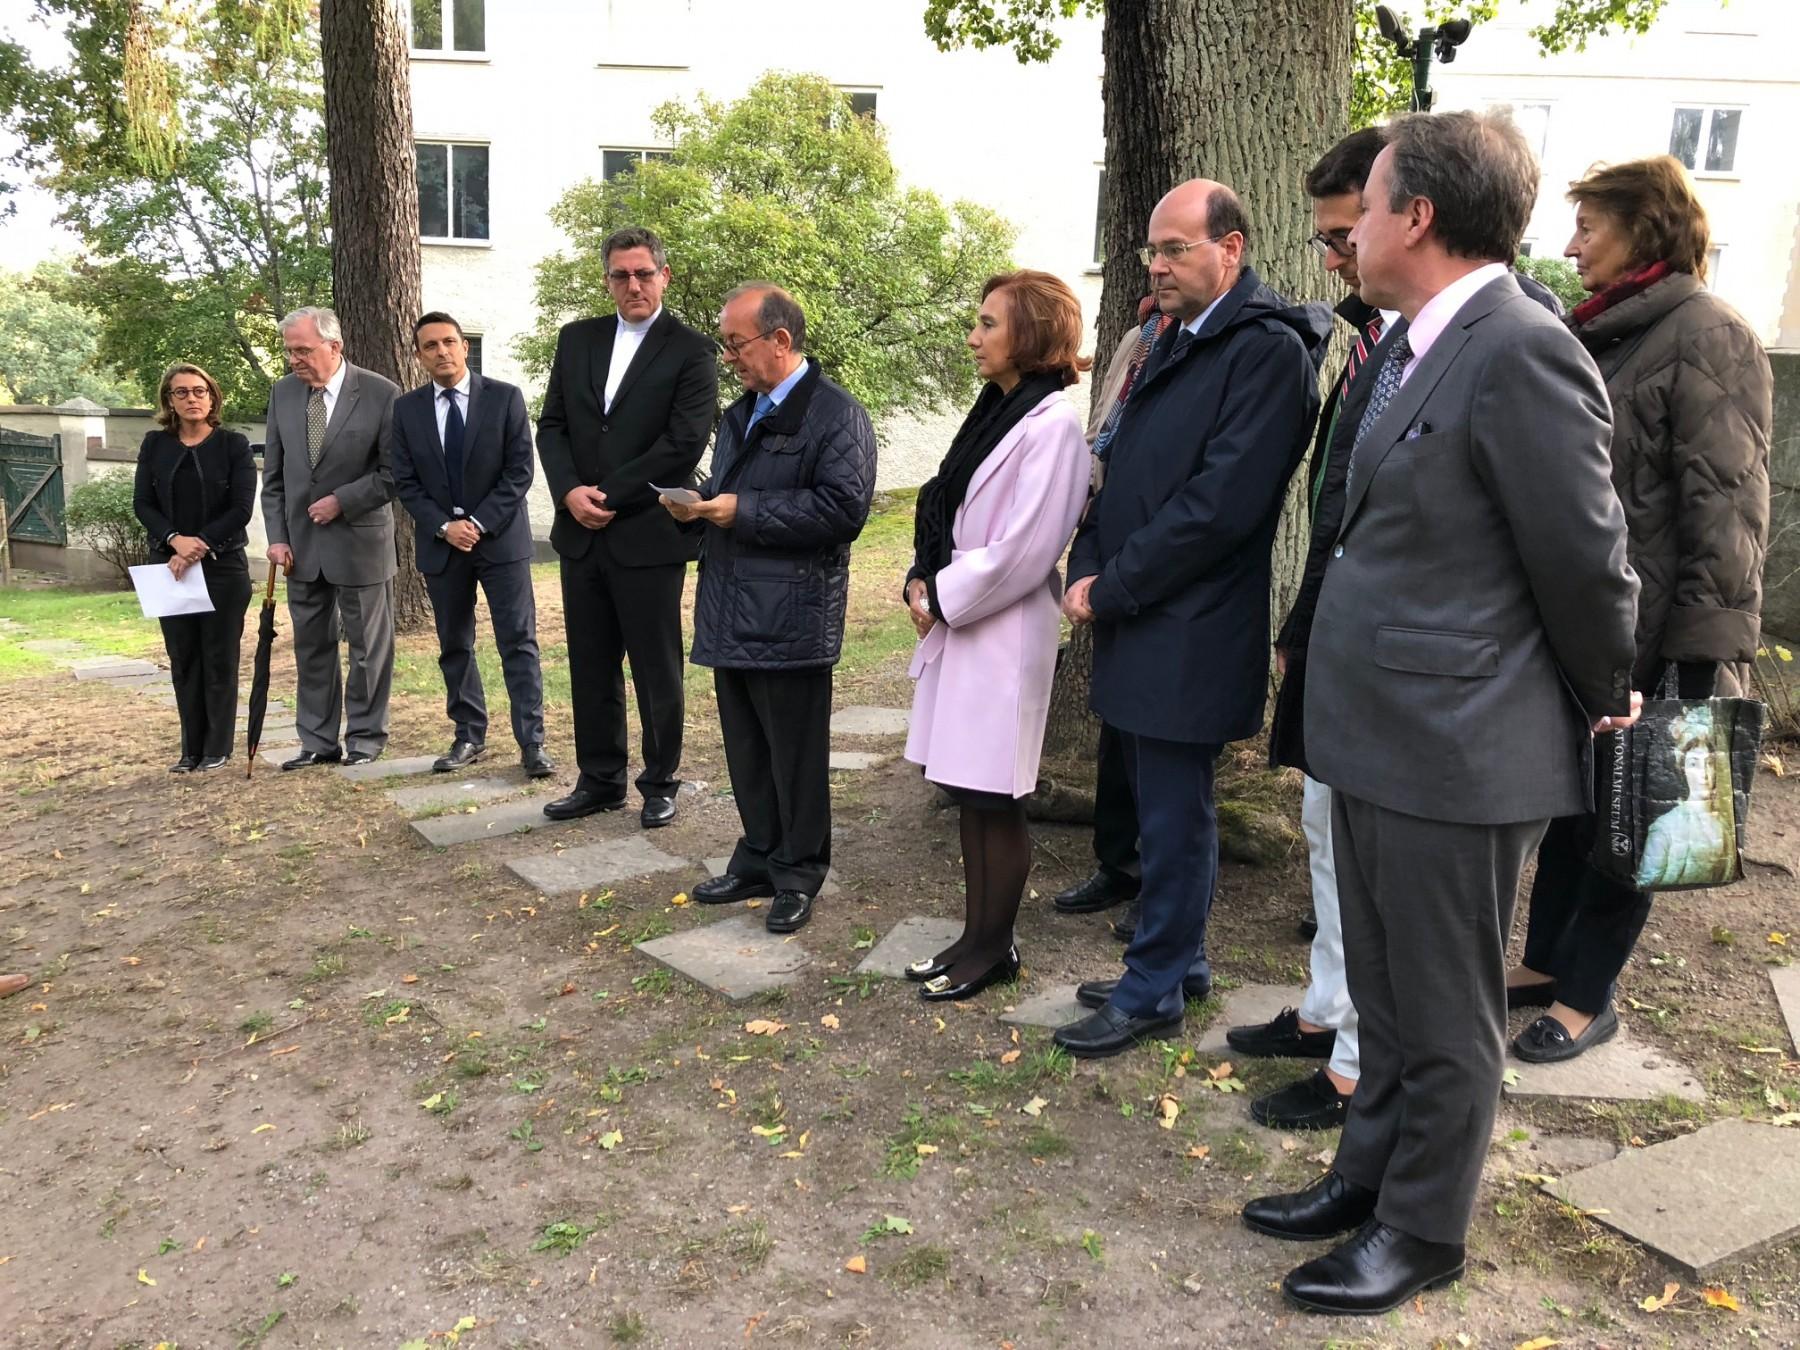 Il discorso dell'Ambasciatore d'Italia in Svezia Mario Cospito